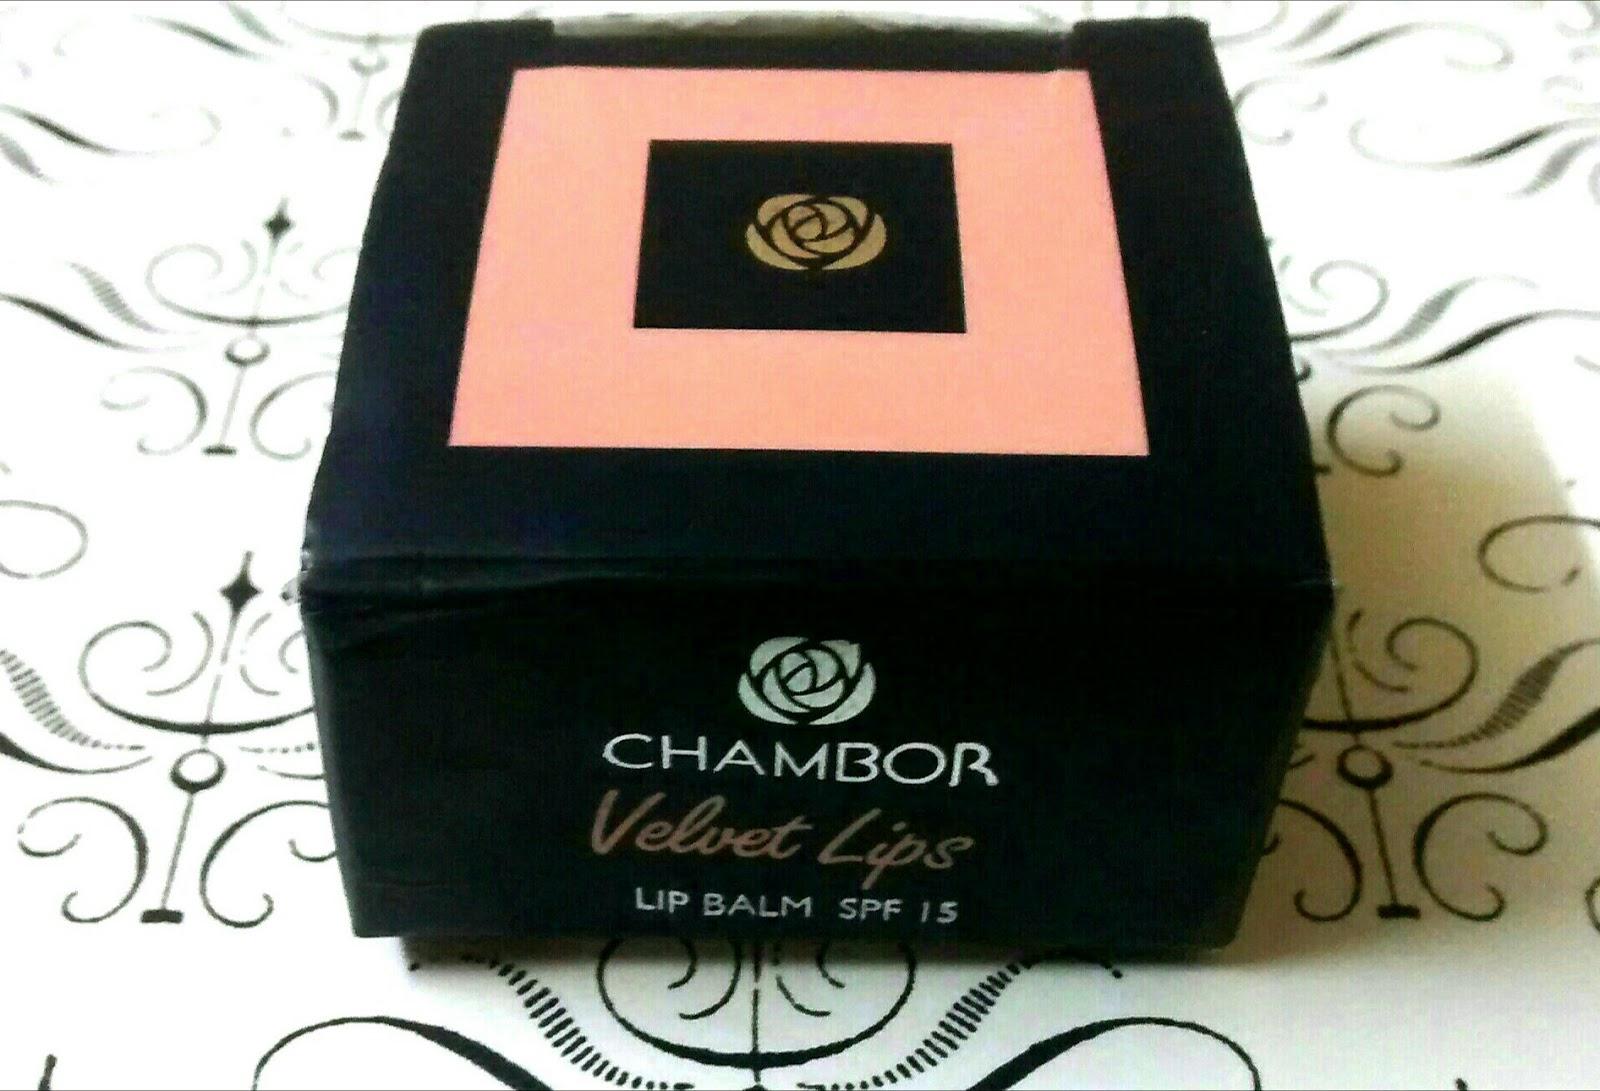 Chambor Velvet Lips Lip Balm SPF 15